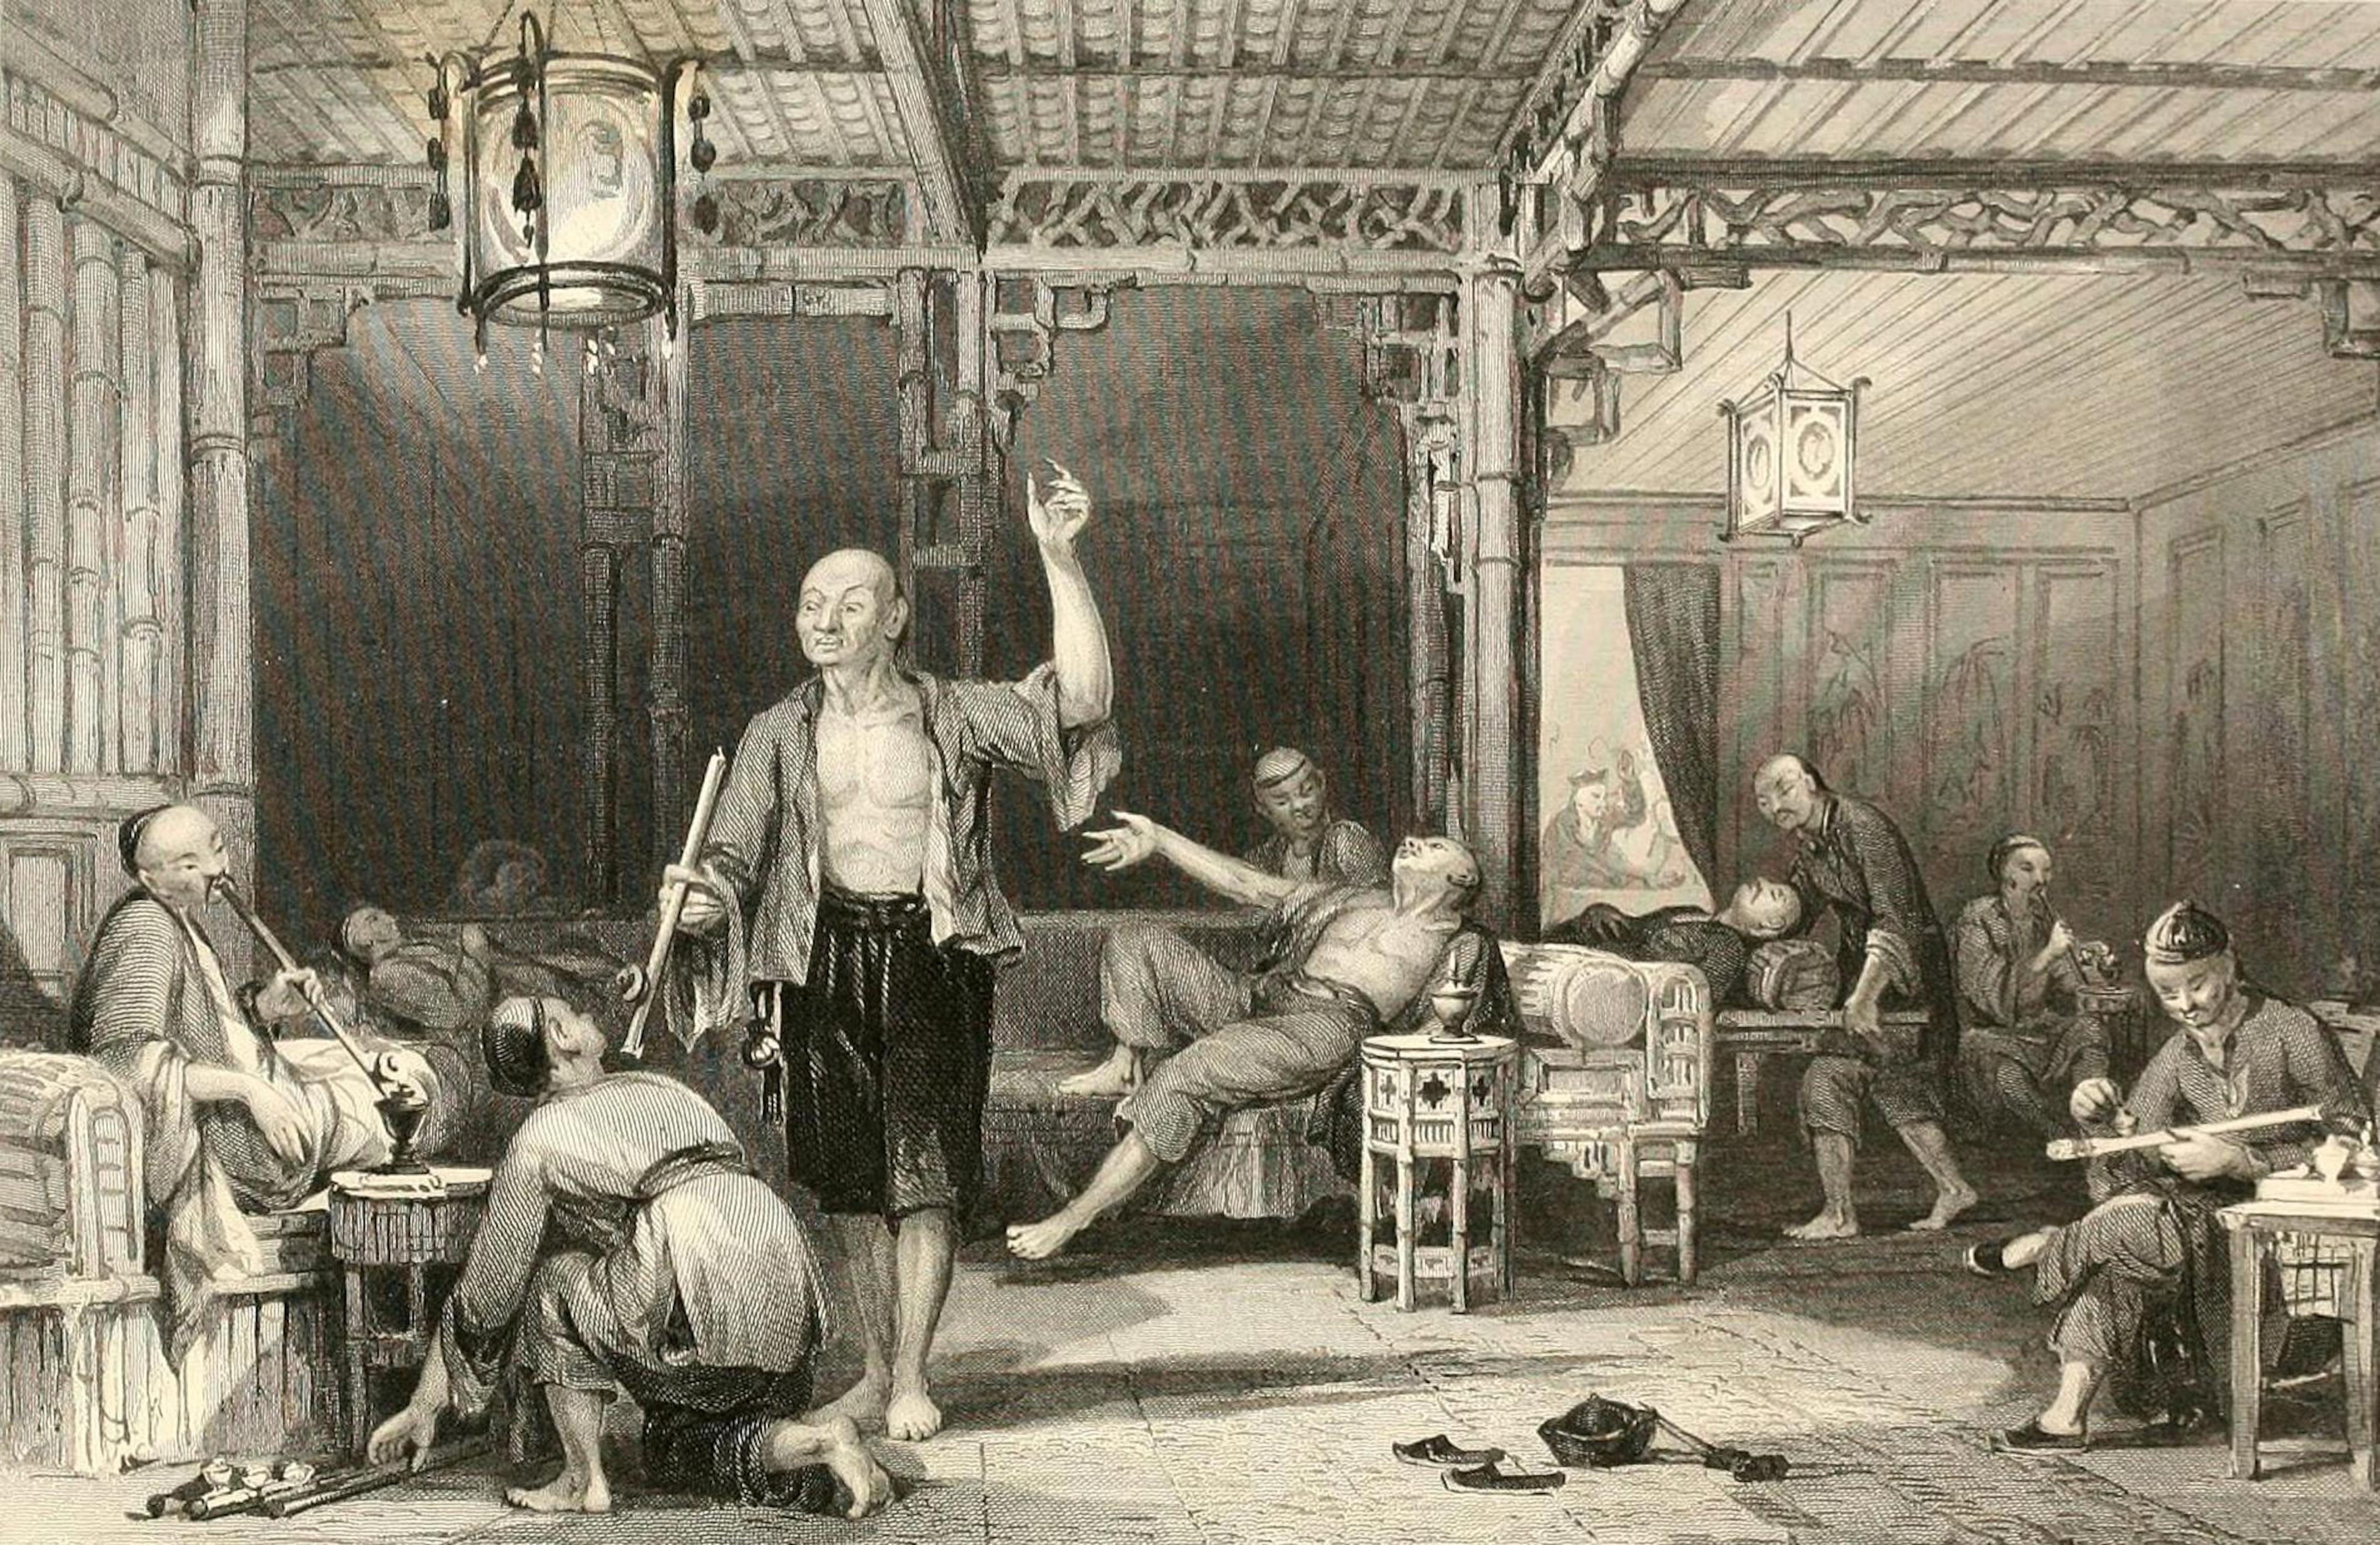 Un dessin représente des hommes asiatiques en train de fumer de l'opium dans une grande salle.